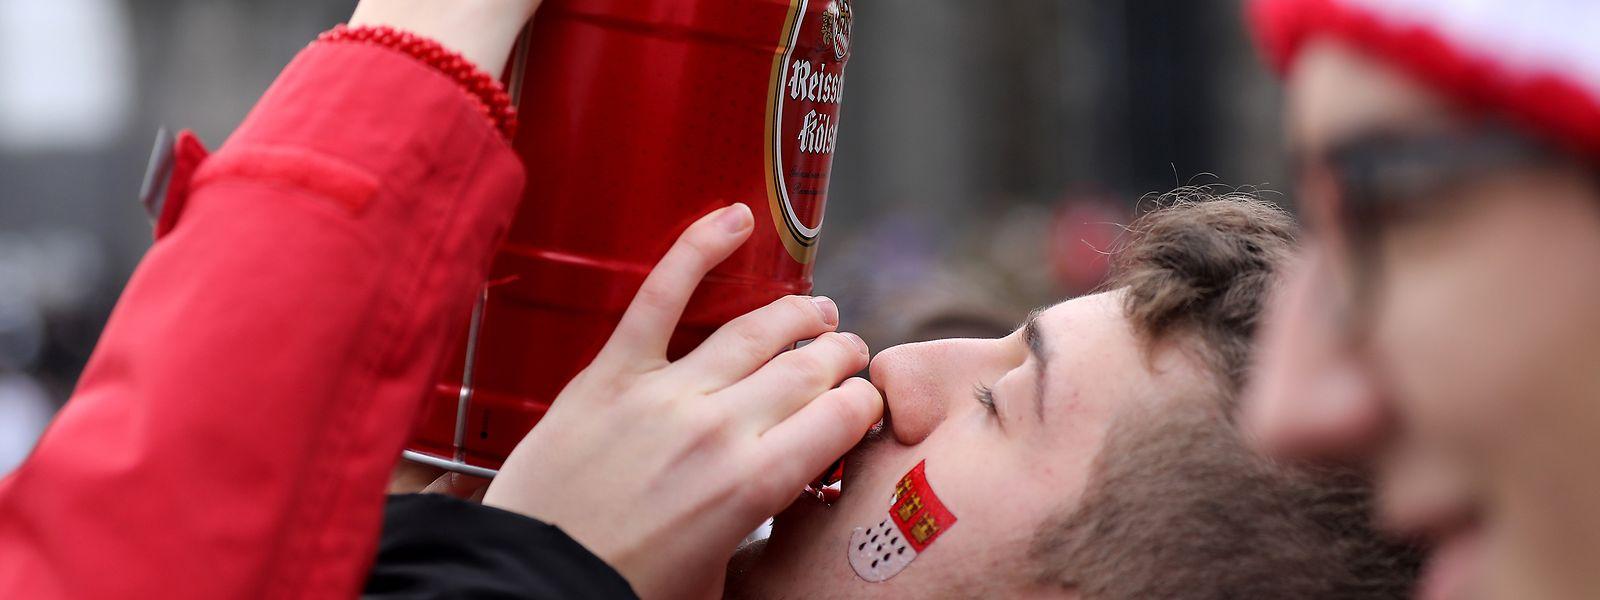 Alkohol sei - kaum überraschend - auch im Spiel gewesen, als ein Mann beim Kölner Karneval mit einem Kabelbinder gewürgt wurde.